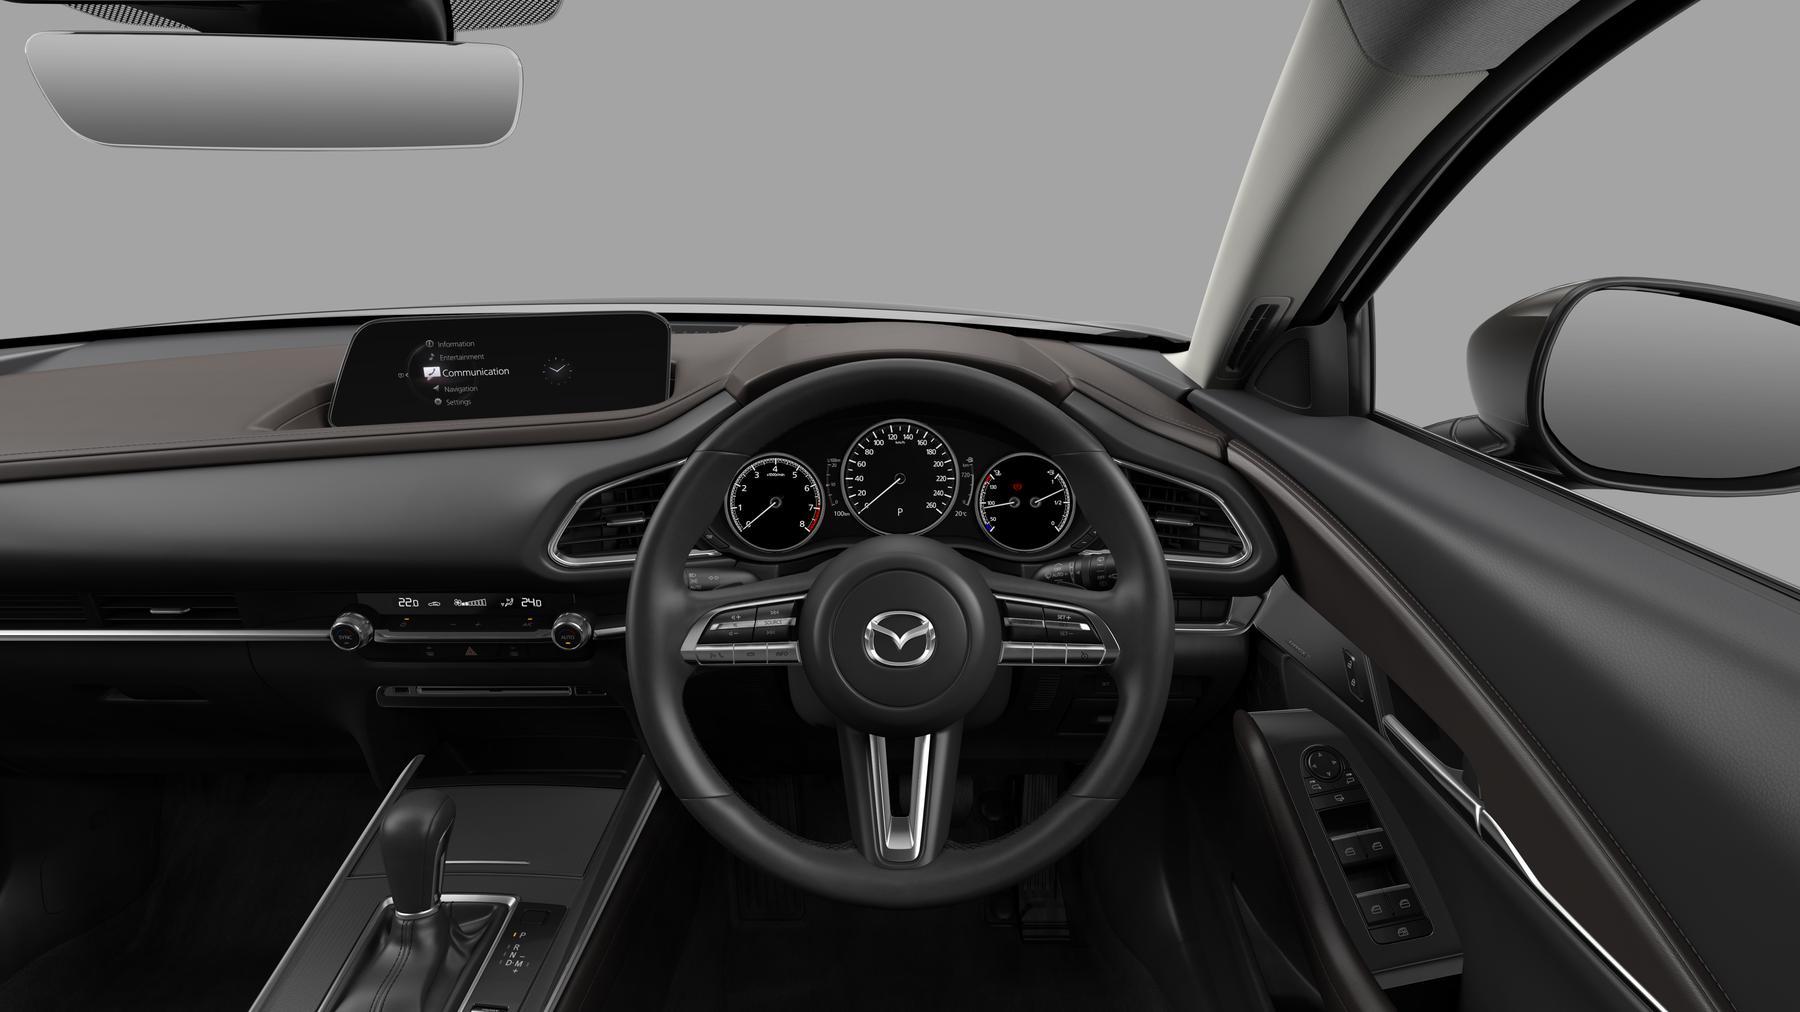 Mazdas CX-30